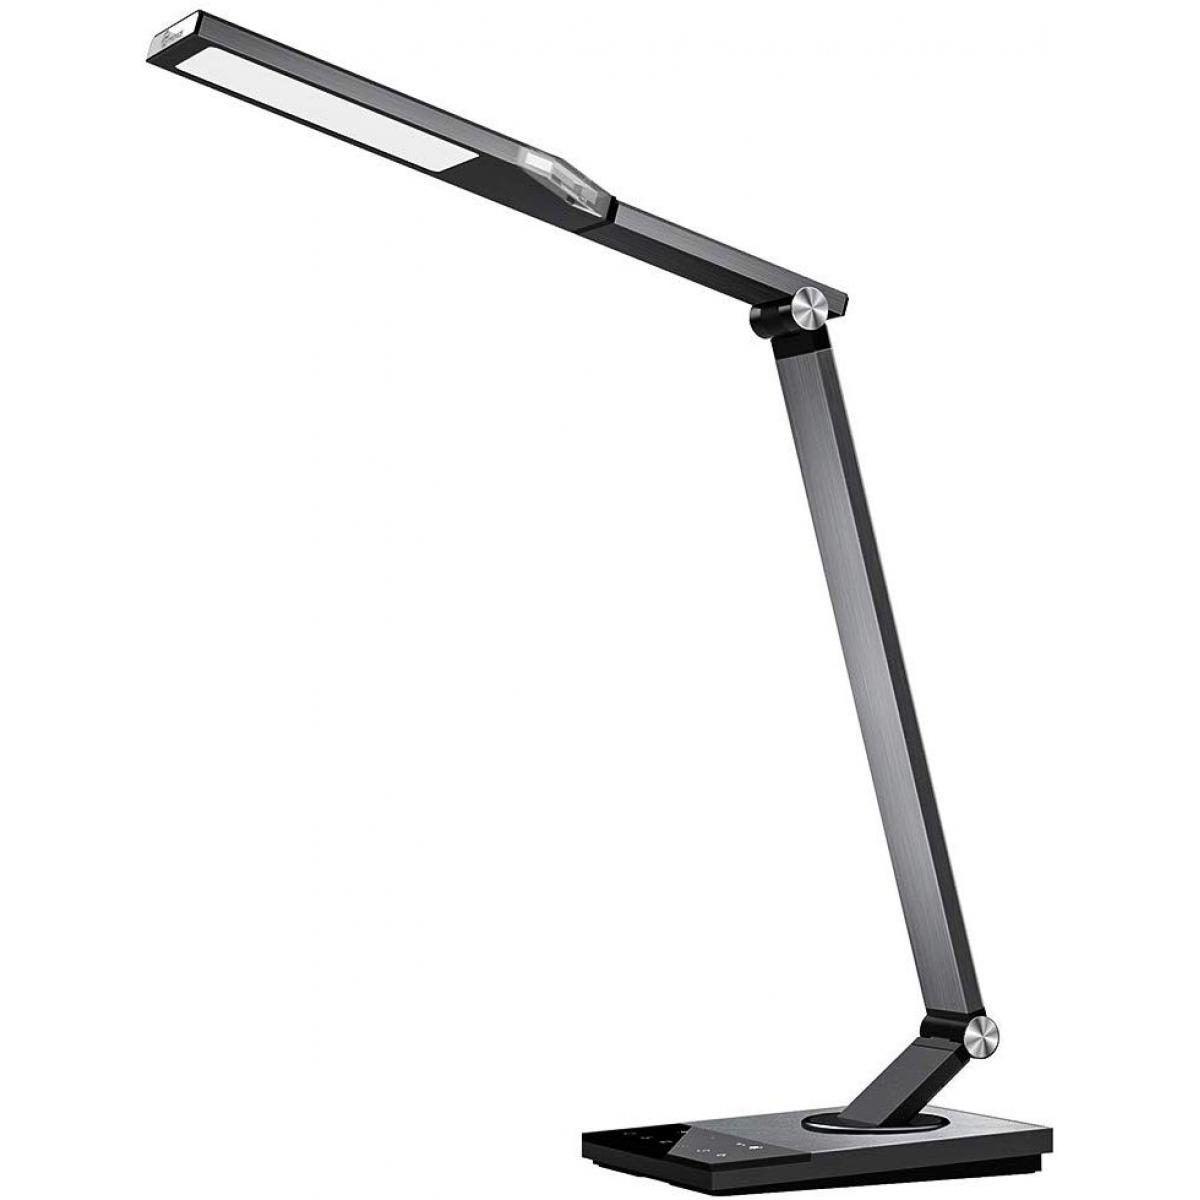 TaoTronics TT-DL16 Stylish Metal LED Desk Lamp